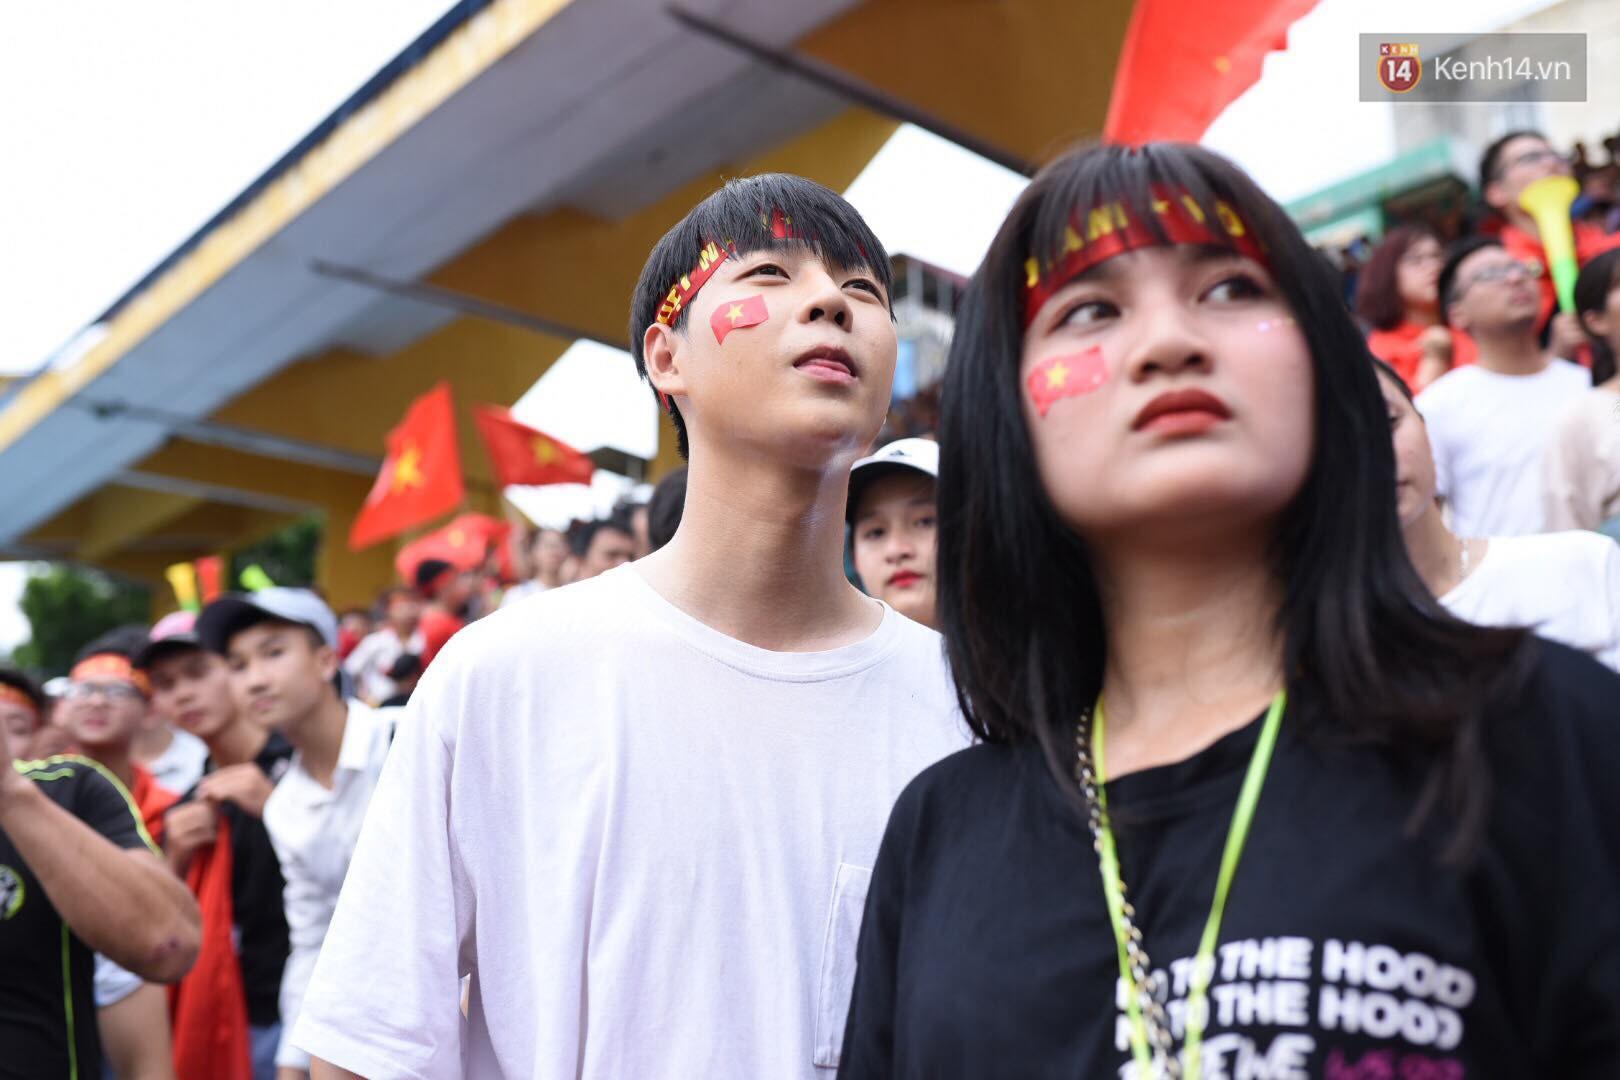 Hot boy trường Y gây chú ý khi xuất hiện trên khán đài cổ vũ Olympic Việt Nam cùng một cô gái lạ - Ảnh 6.